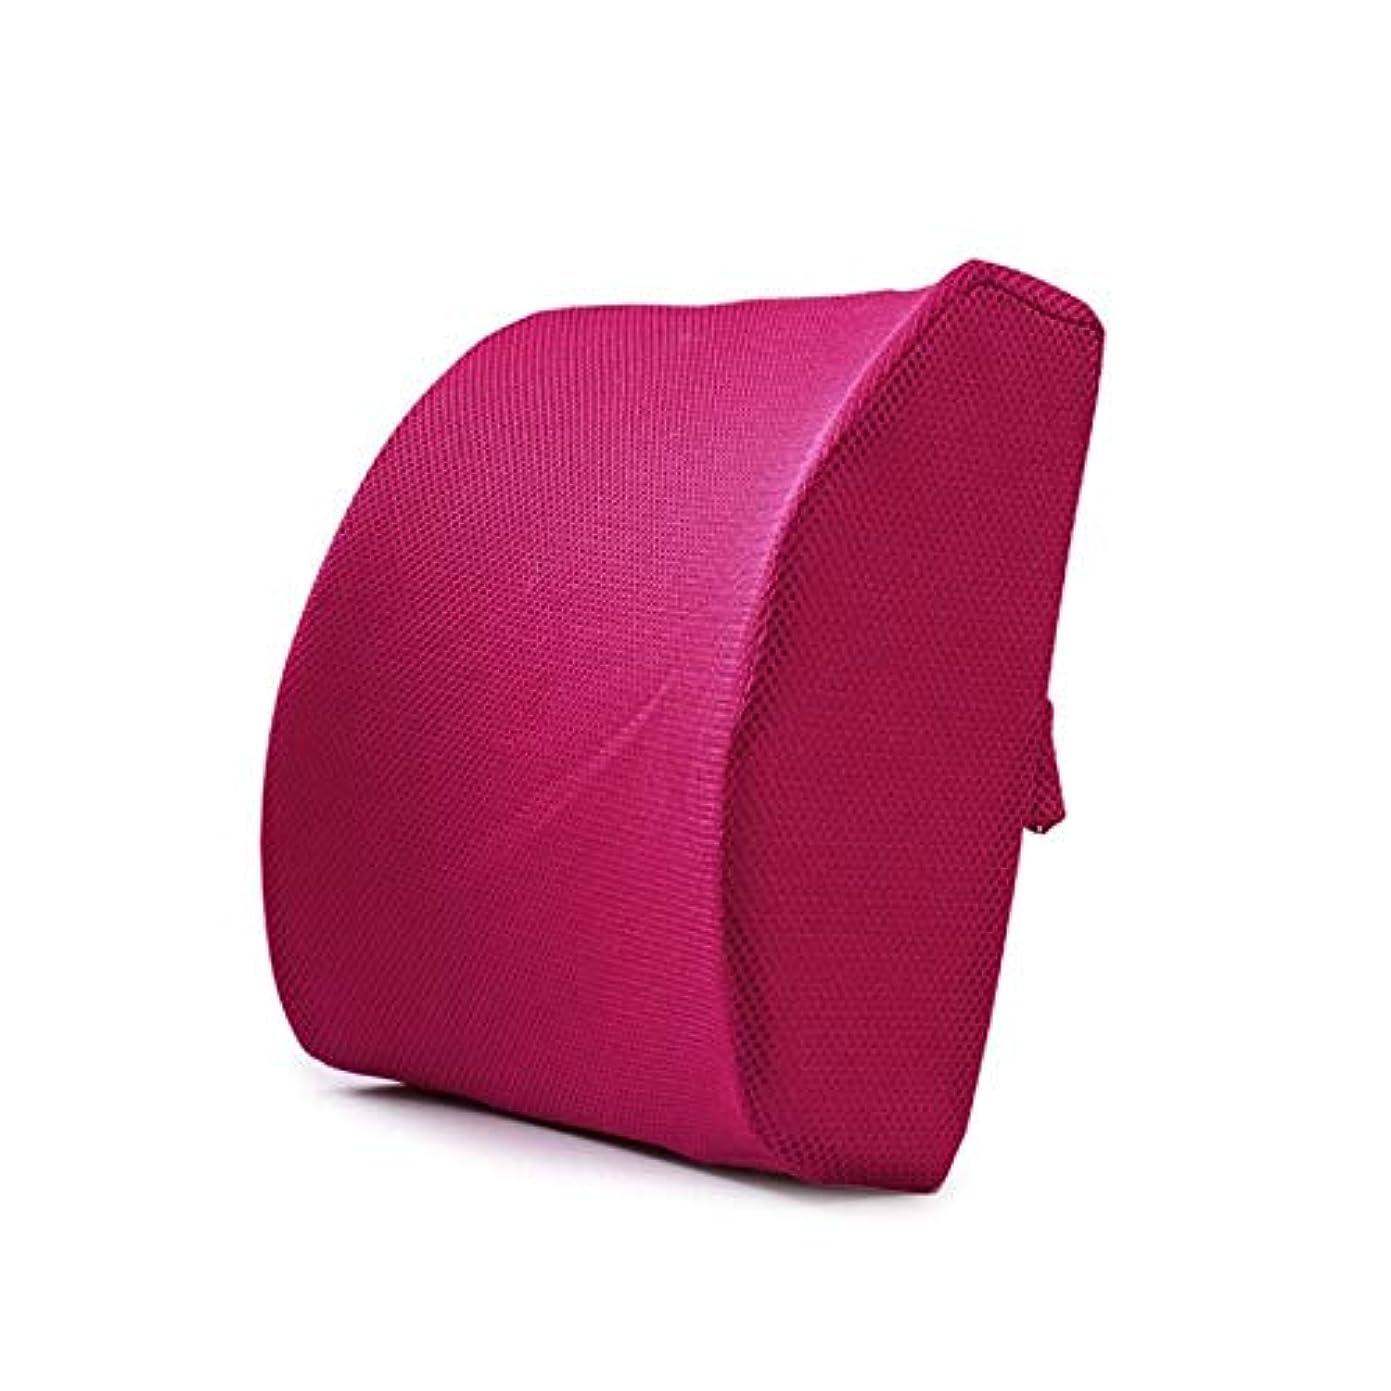 完璧シリーズ悪性のLIFE ホームオフィス背もたれ椅子腰椎クッションカーシートネック枕 3D 低反発サポートバックマッサージウエストレスリビング枕 クッション 椅子